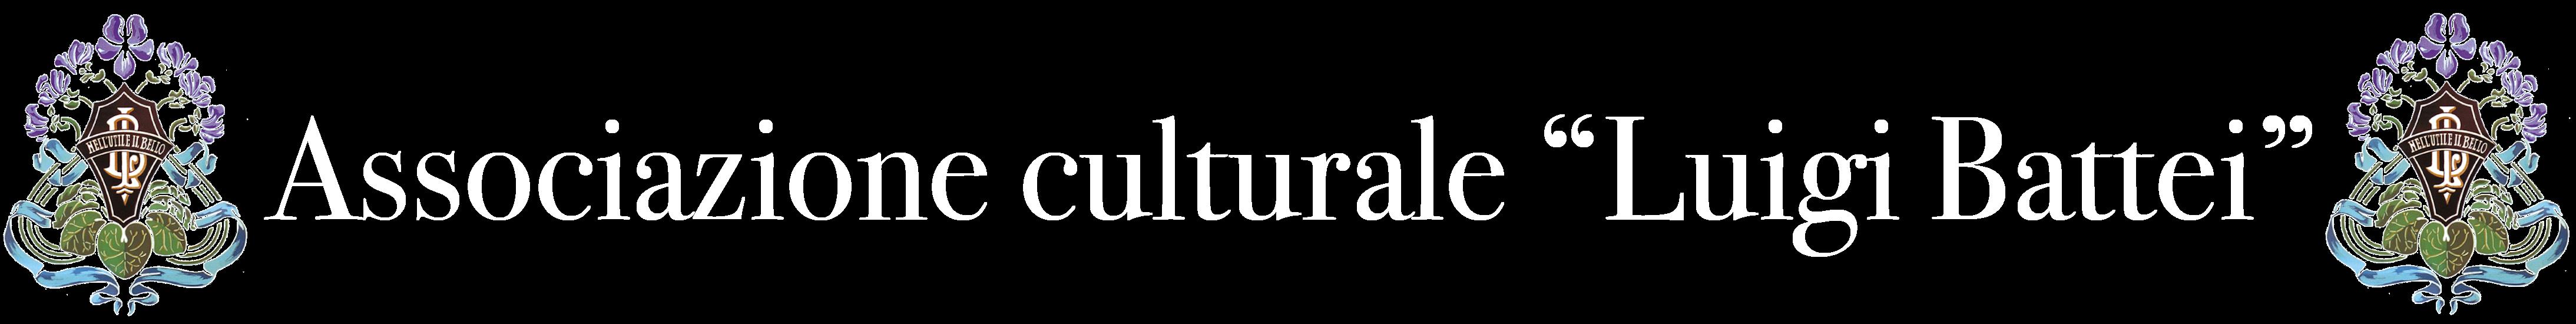 """Associazione culturale """"Luigi Battei"""""""